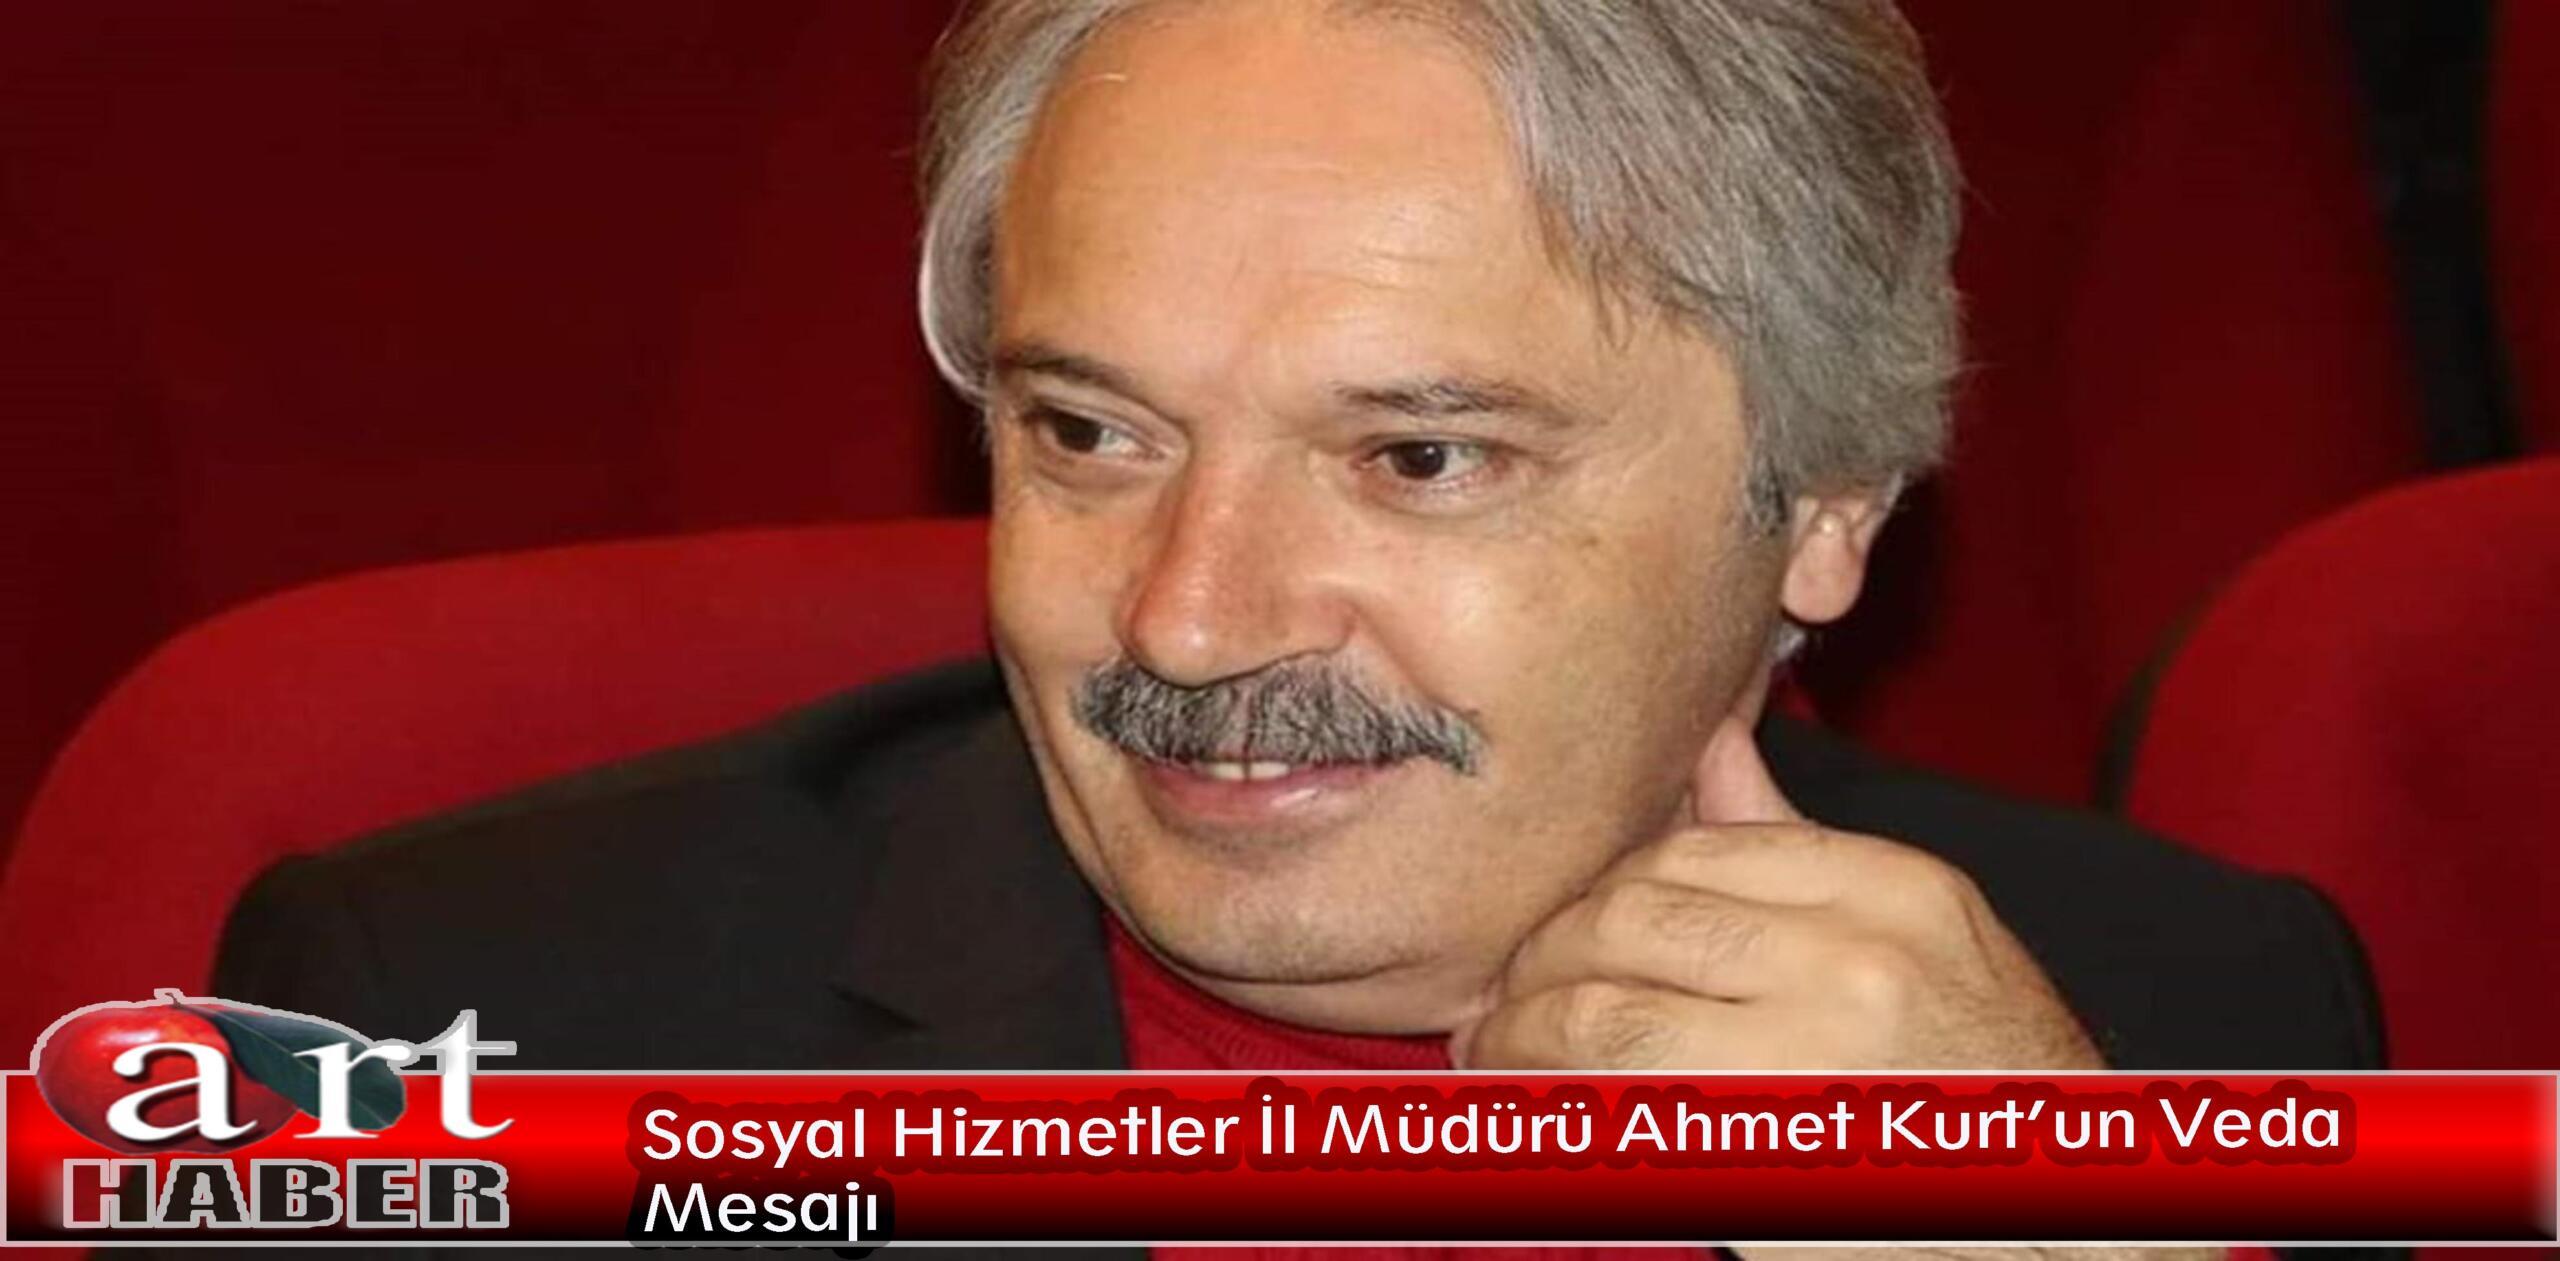 Sosyal Hizmetler İl Müdürü Ahmet Kurt'un Veda Mesajı